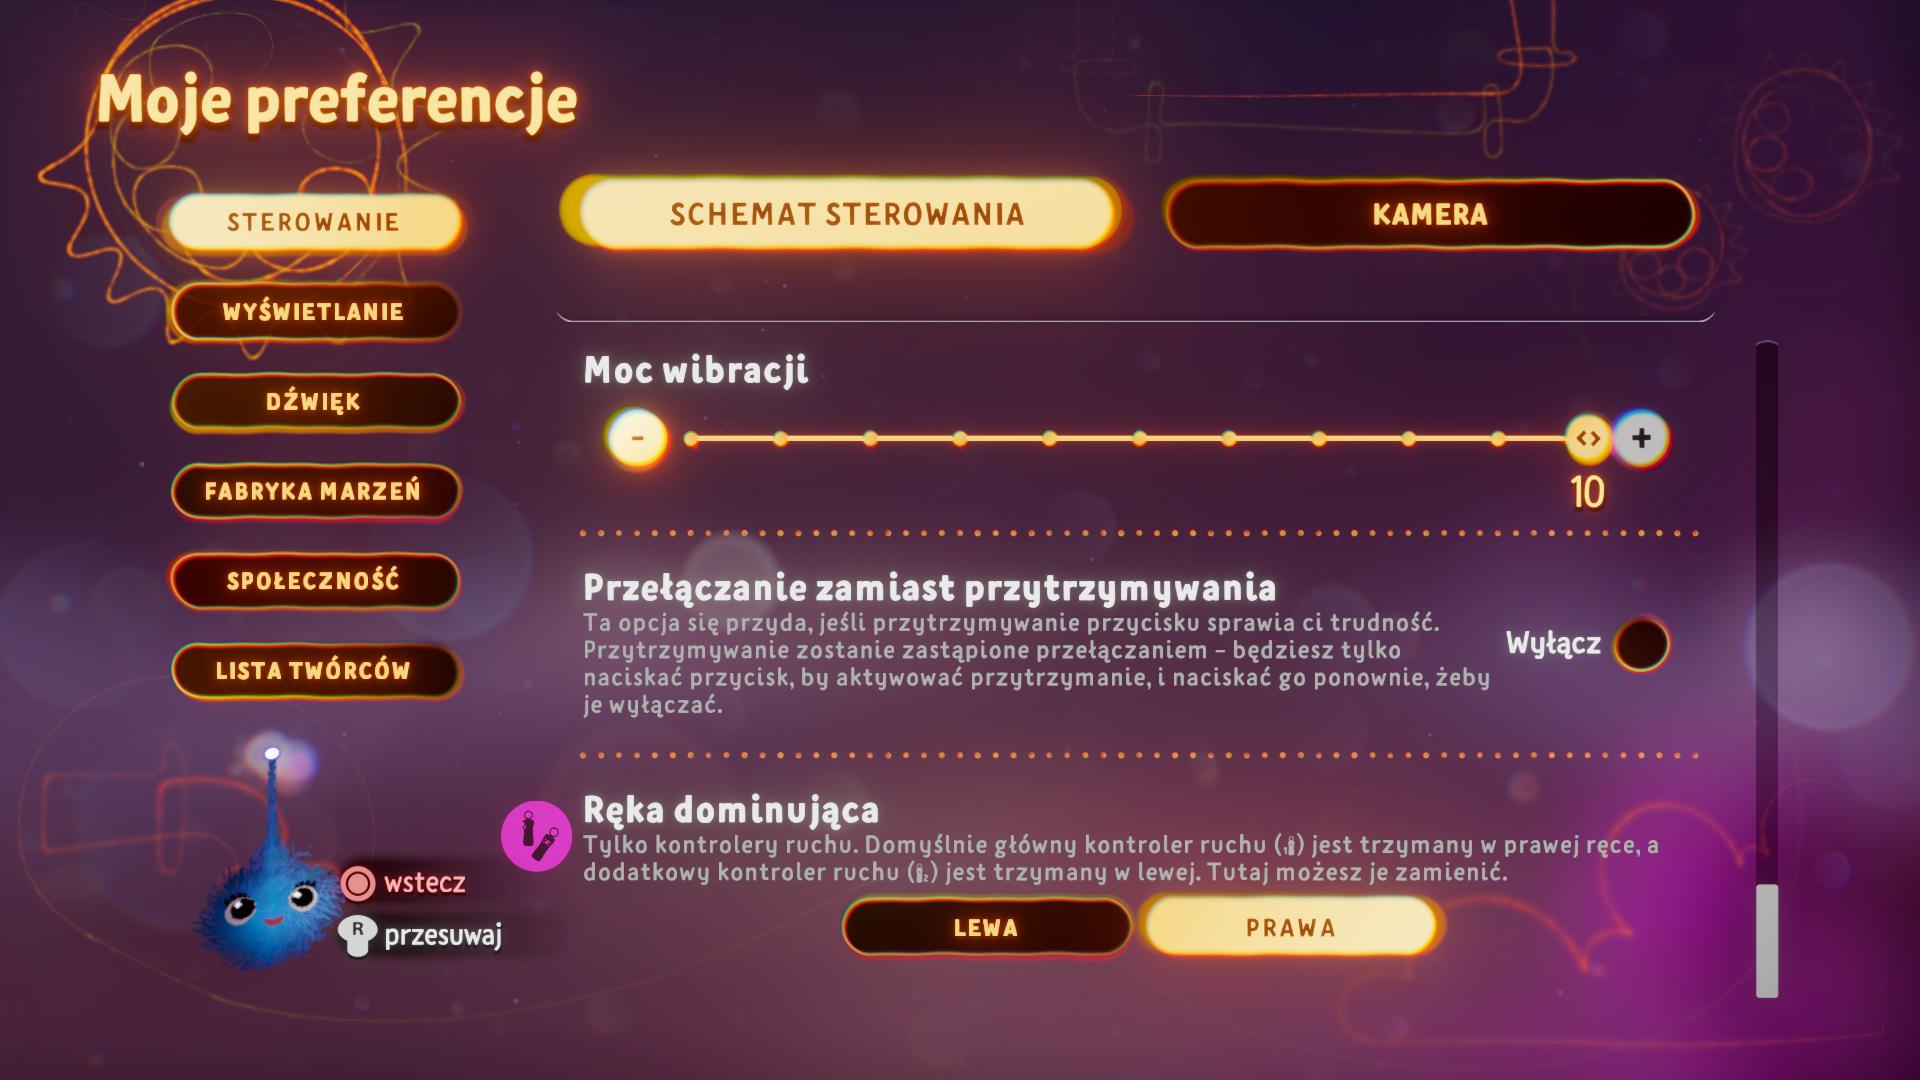 Zrzut ekranu przedstawiający opcję przełączania w menu preferencji